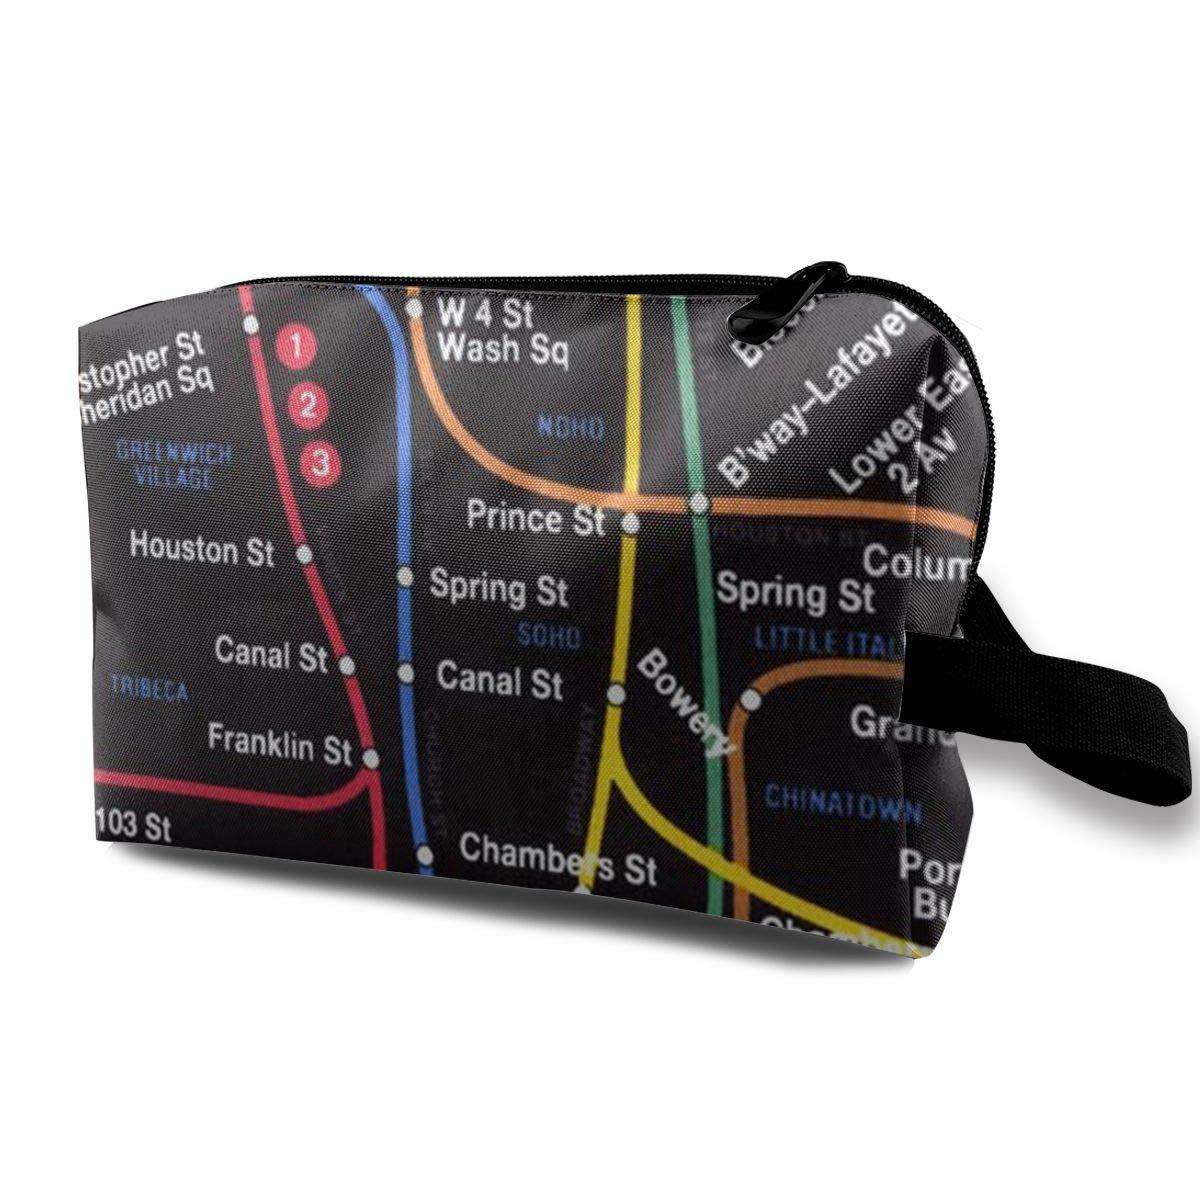 Portable Nyc Subway Map.New York City Subway Metro Map Portable Make Up Receive Bag Hand